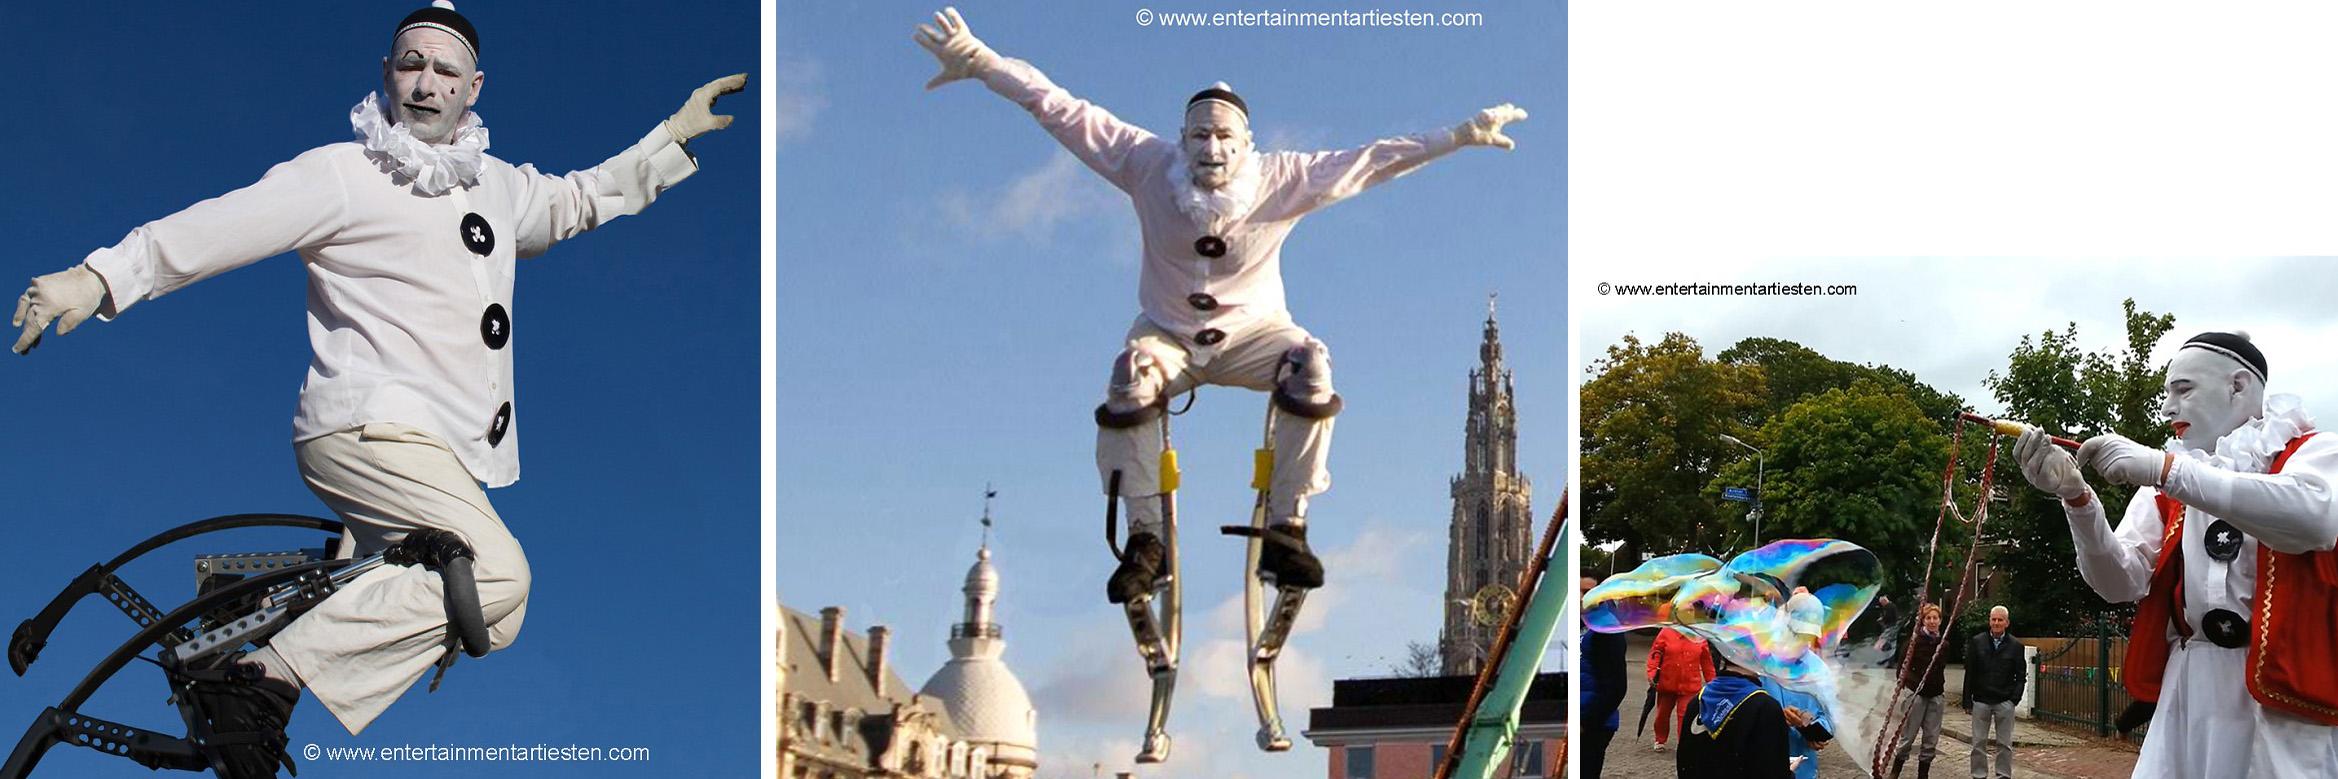 Steltenloper Clown Pierrot, een veelzijdige acrobaat-jongleur-entertainer, winter entertainment, kerst, kerst artiesten, artiesten boeken, straattheater, jongleur, www.kerstacts.nl